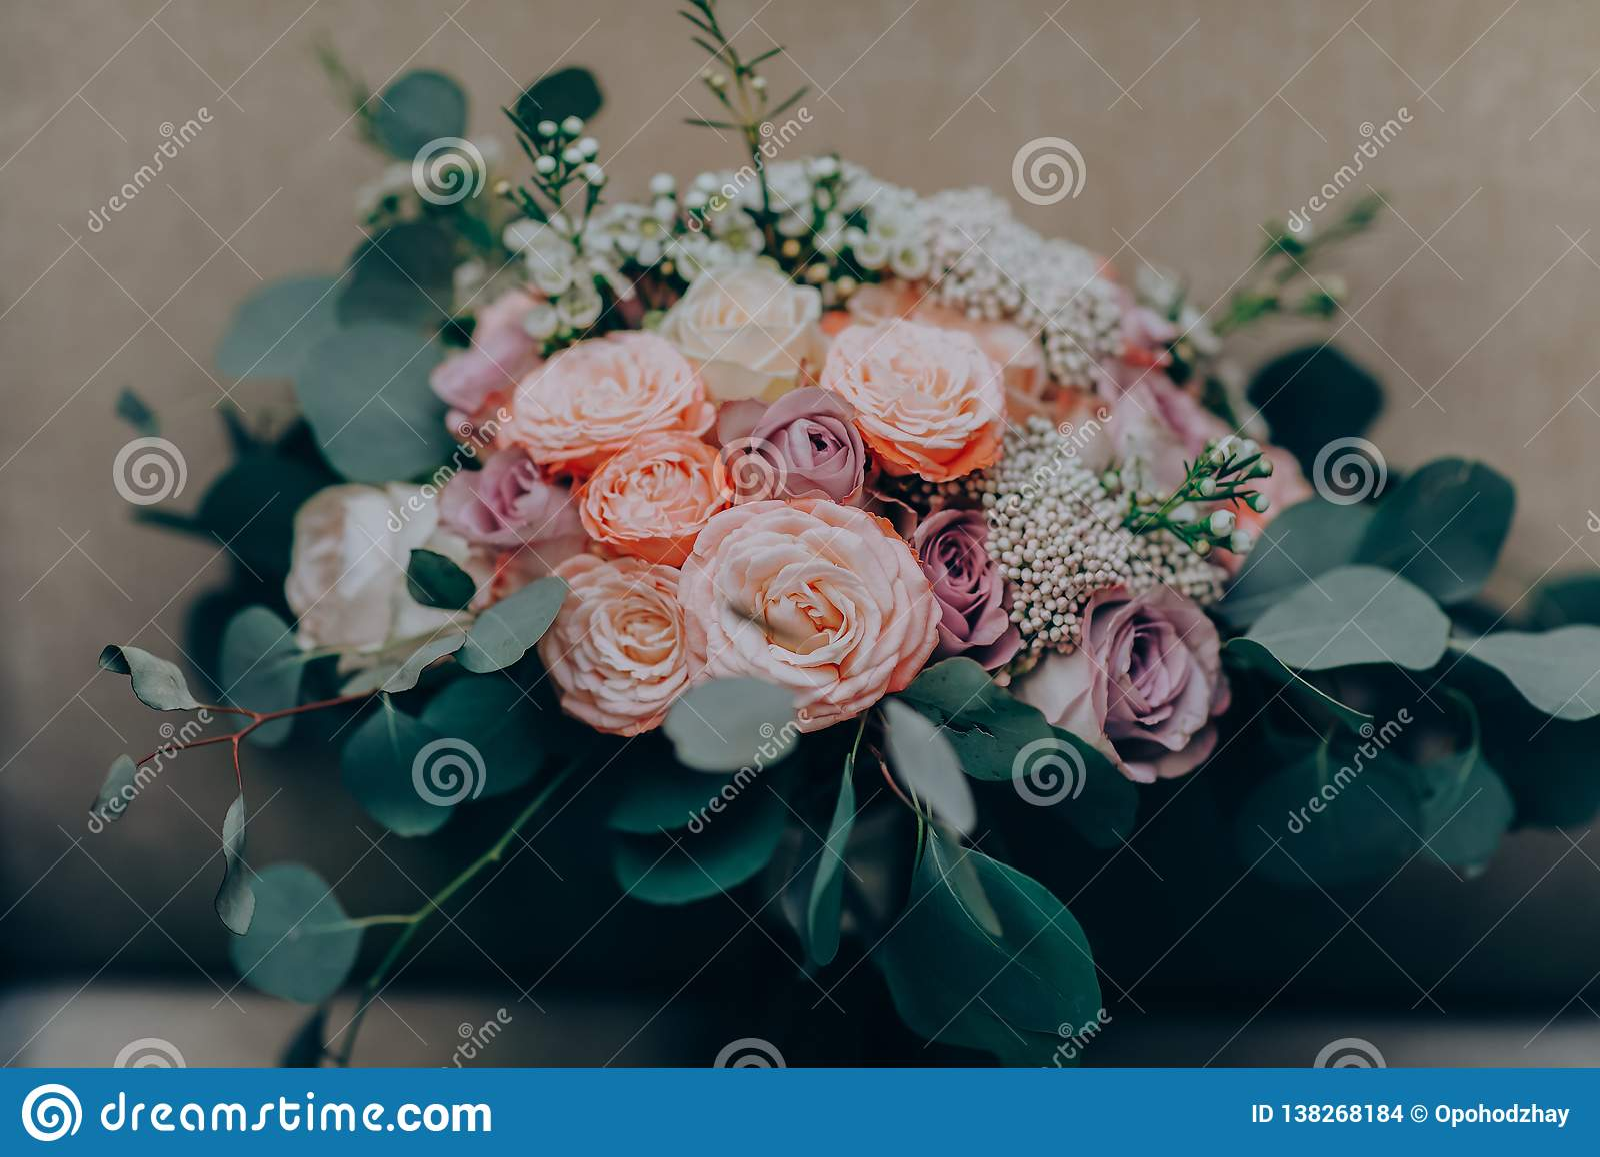 Blumenstraußblume Hochzeit, Feiertag und Blumenhintergrund redeten Konzept an